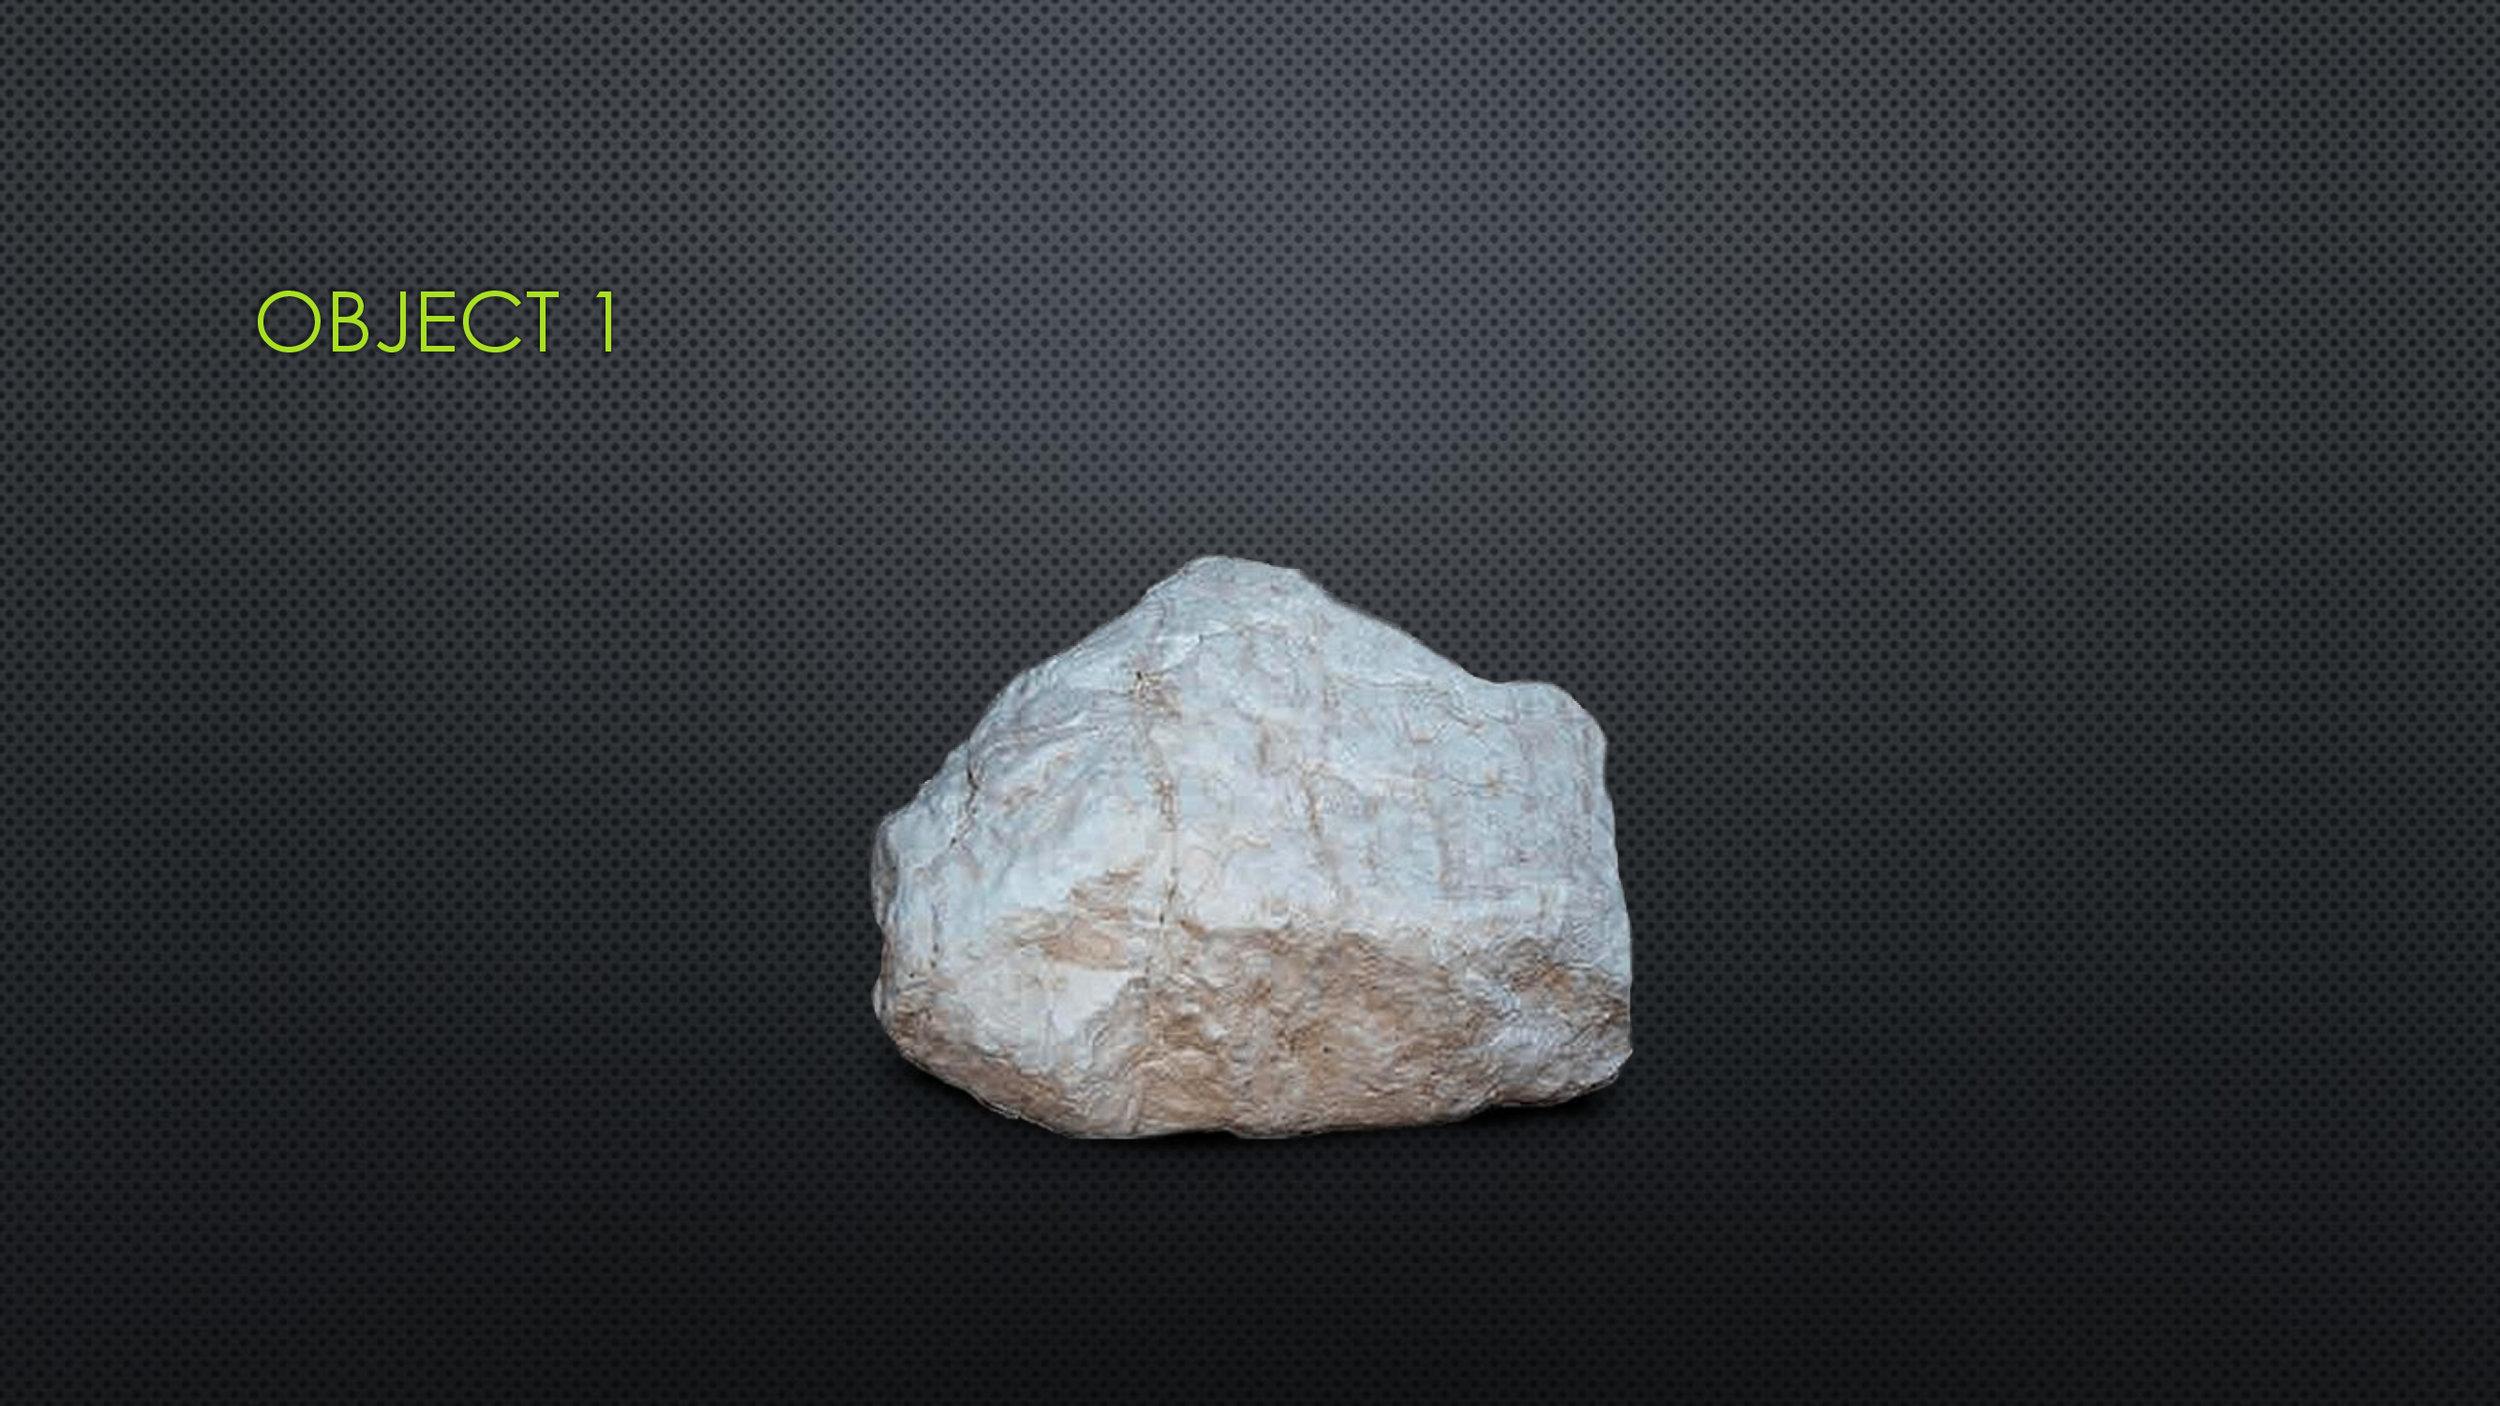 5b7f224884e3be4f597c323f8806c564-10.jpg